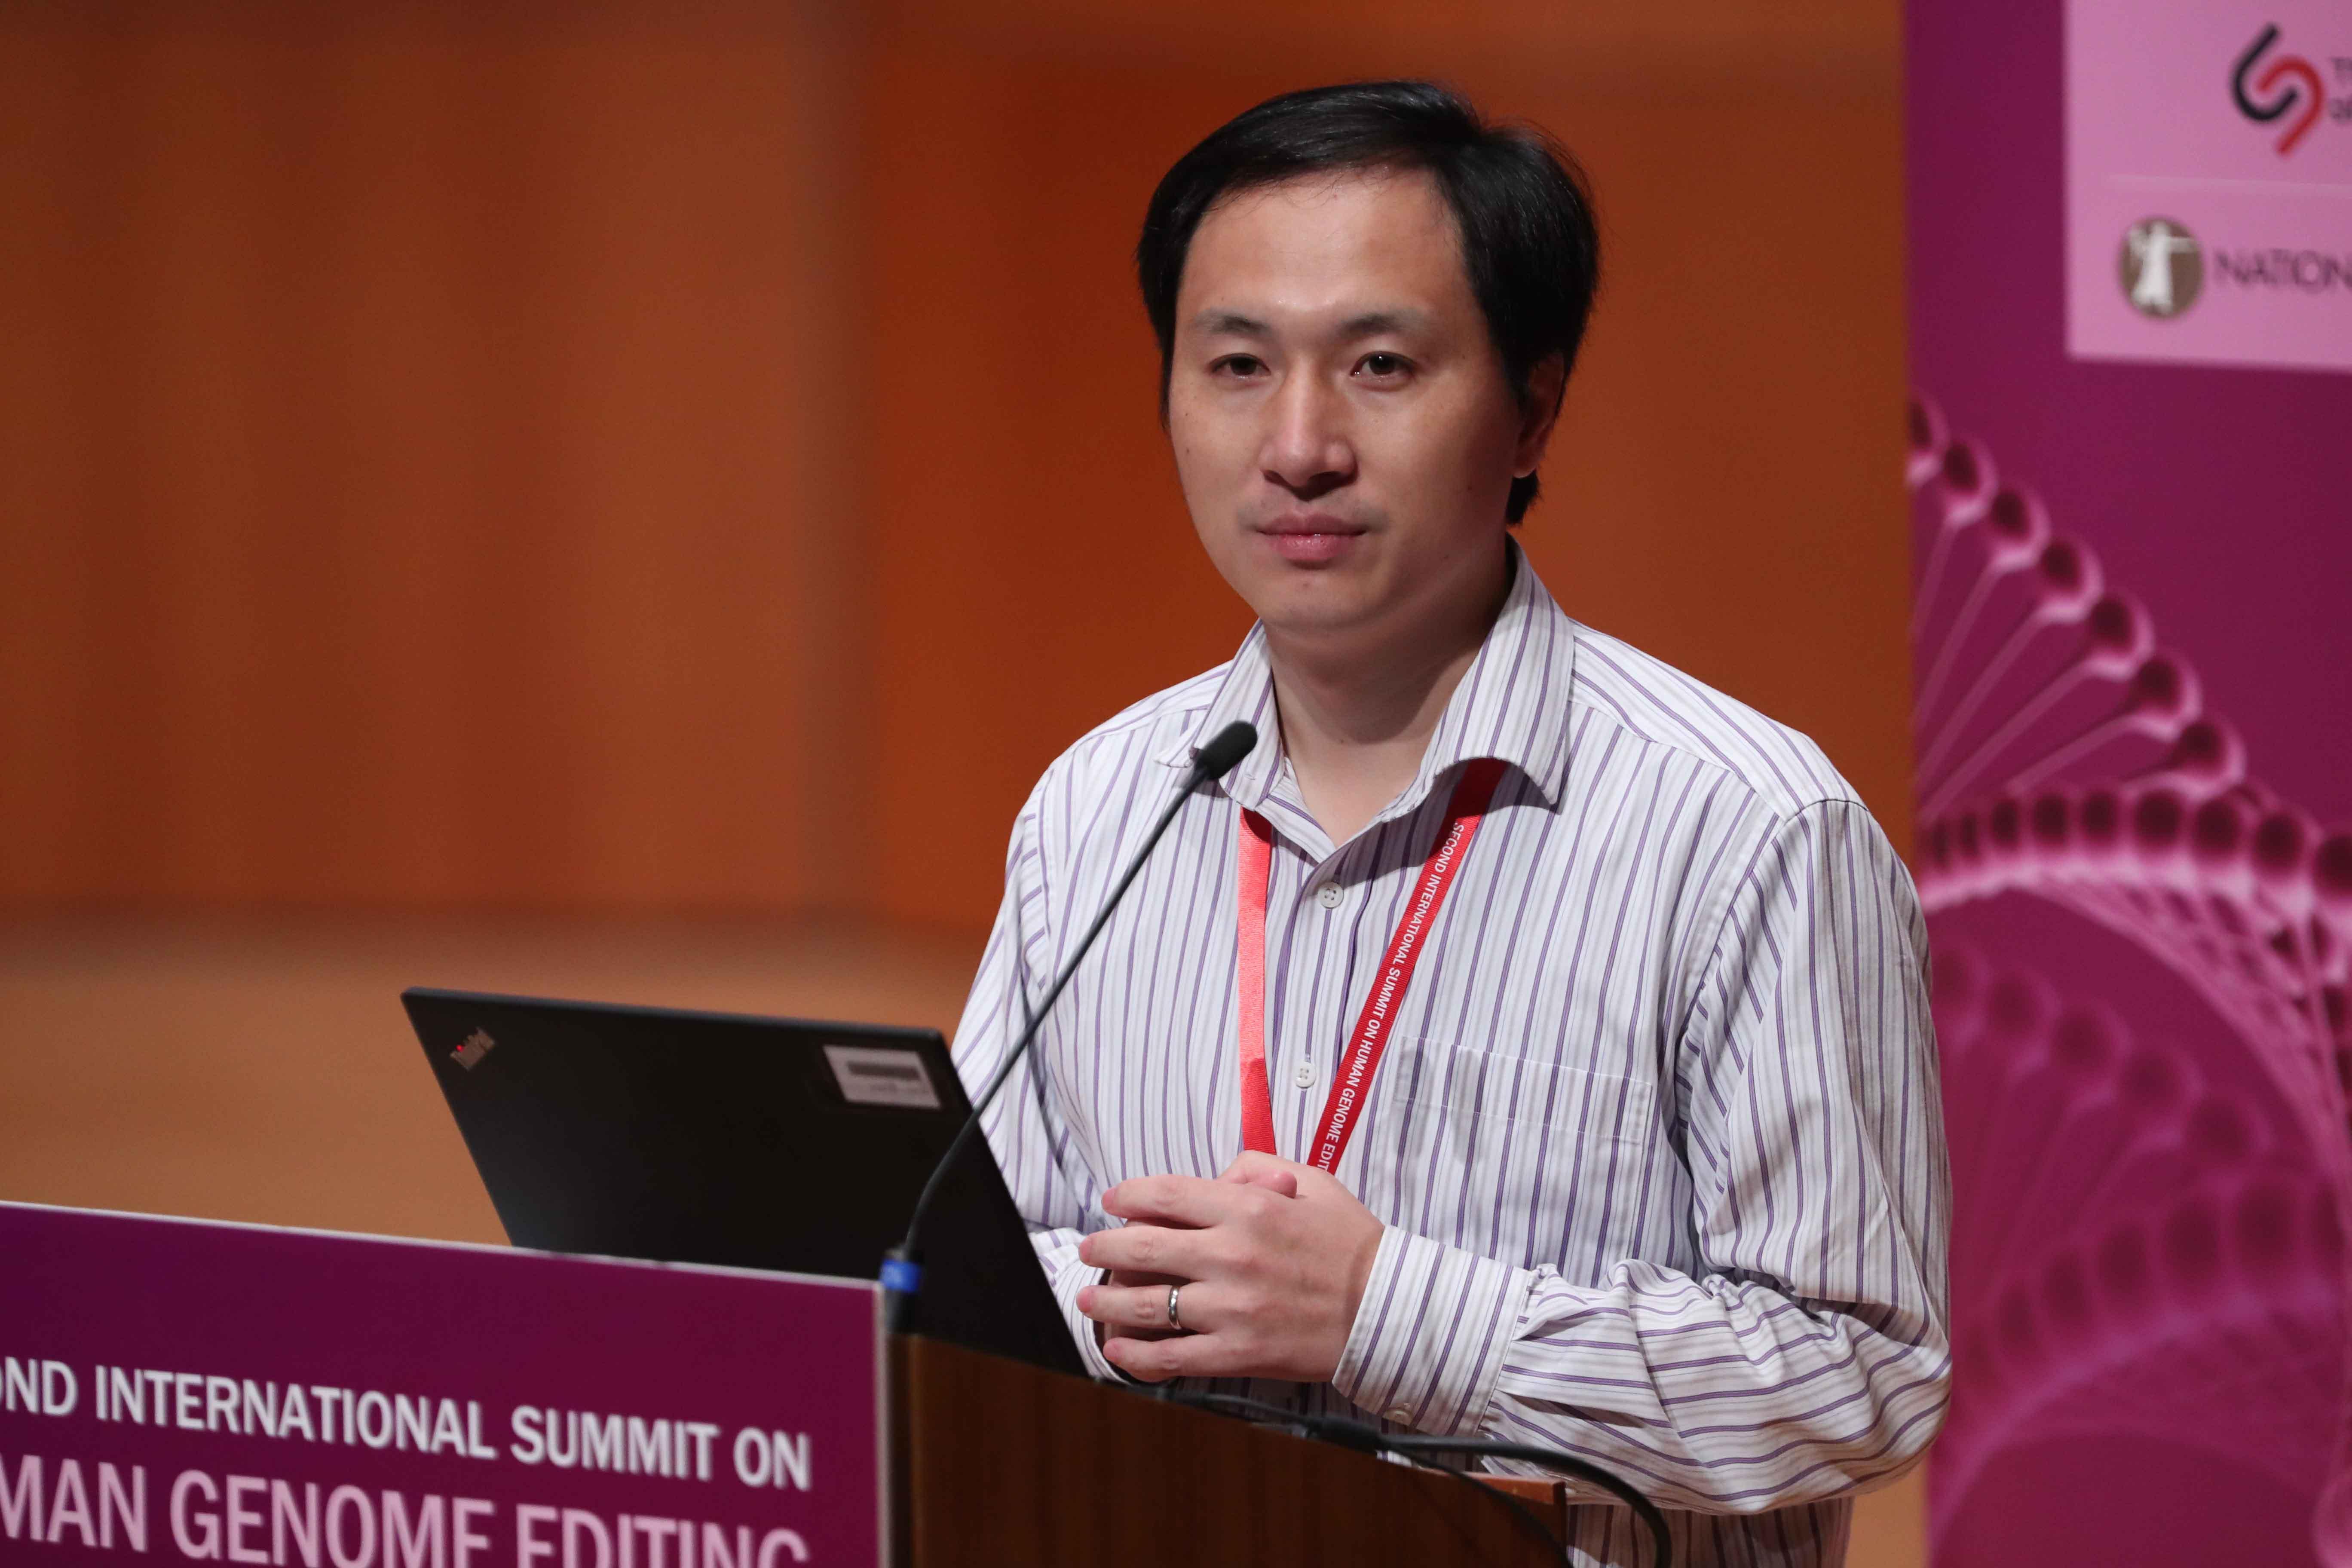 Már megszülethetett a harmadik génszerkesztett csecsemő Kínában